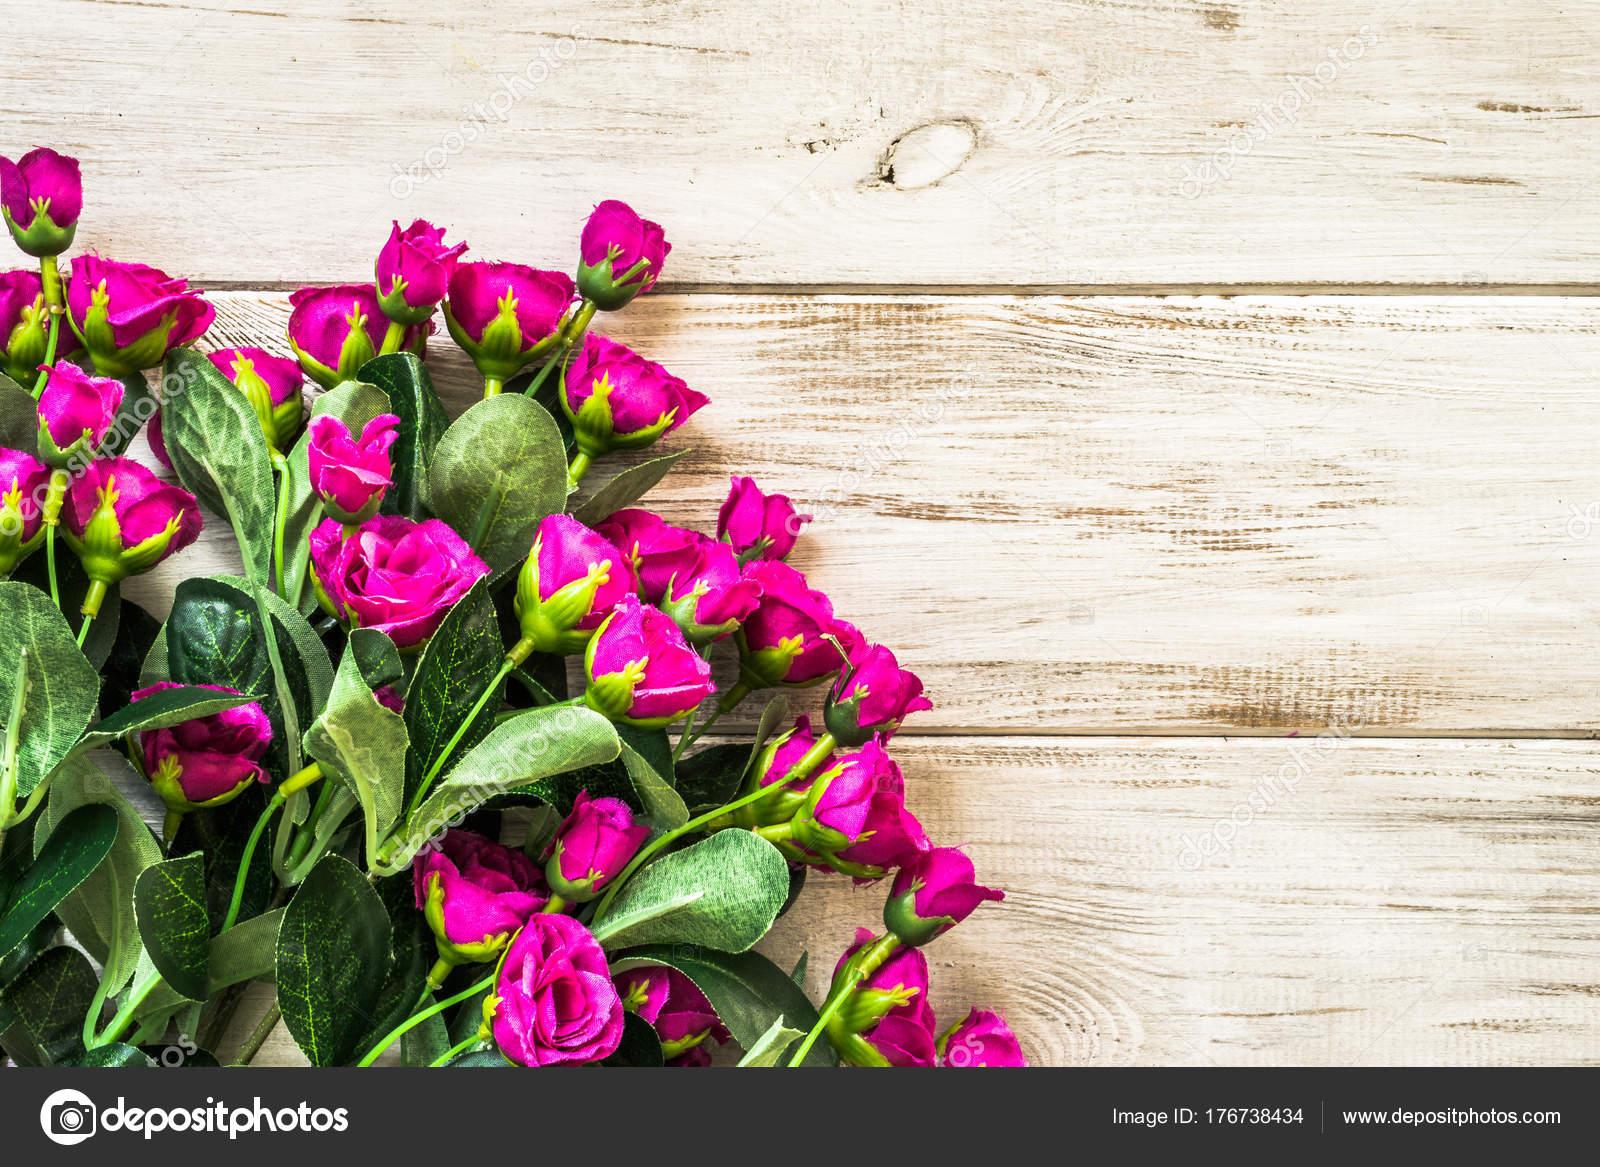 Fondo Ramo De Rosas Para Ramo De Rosas Para Fondo De Día De La